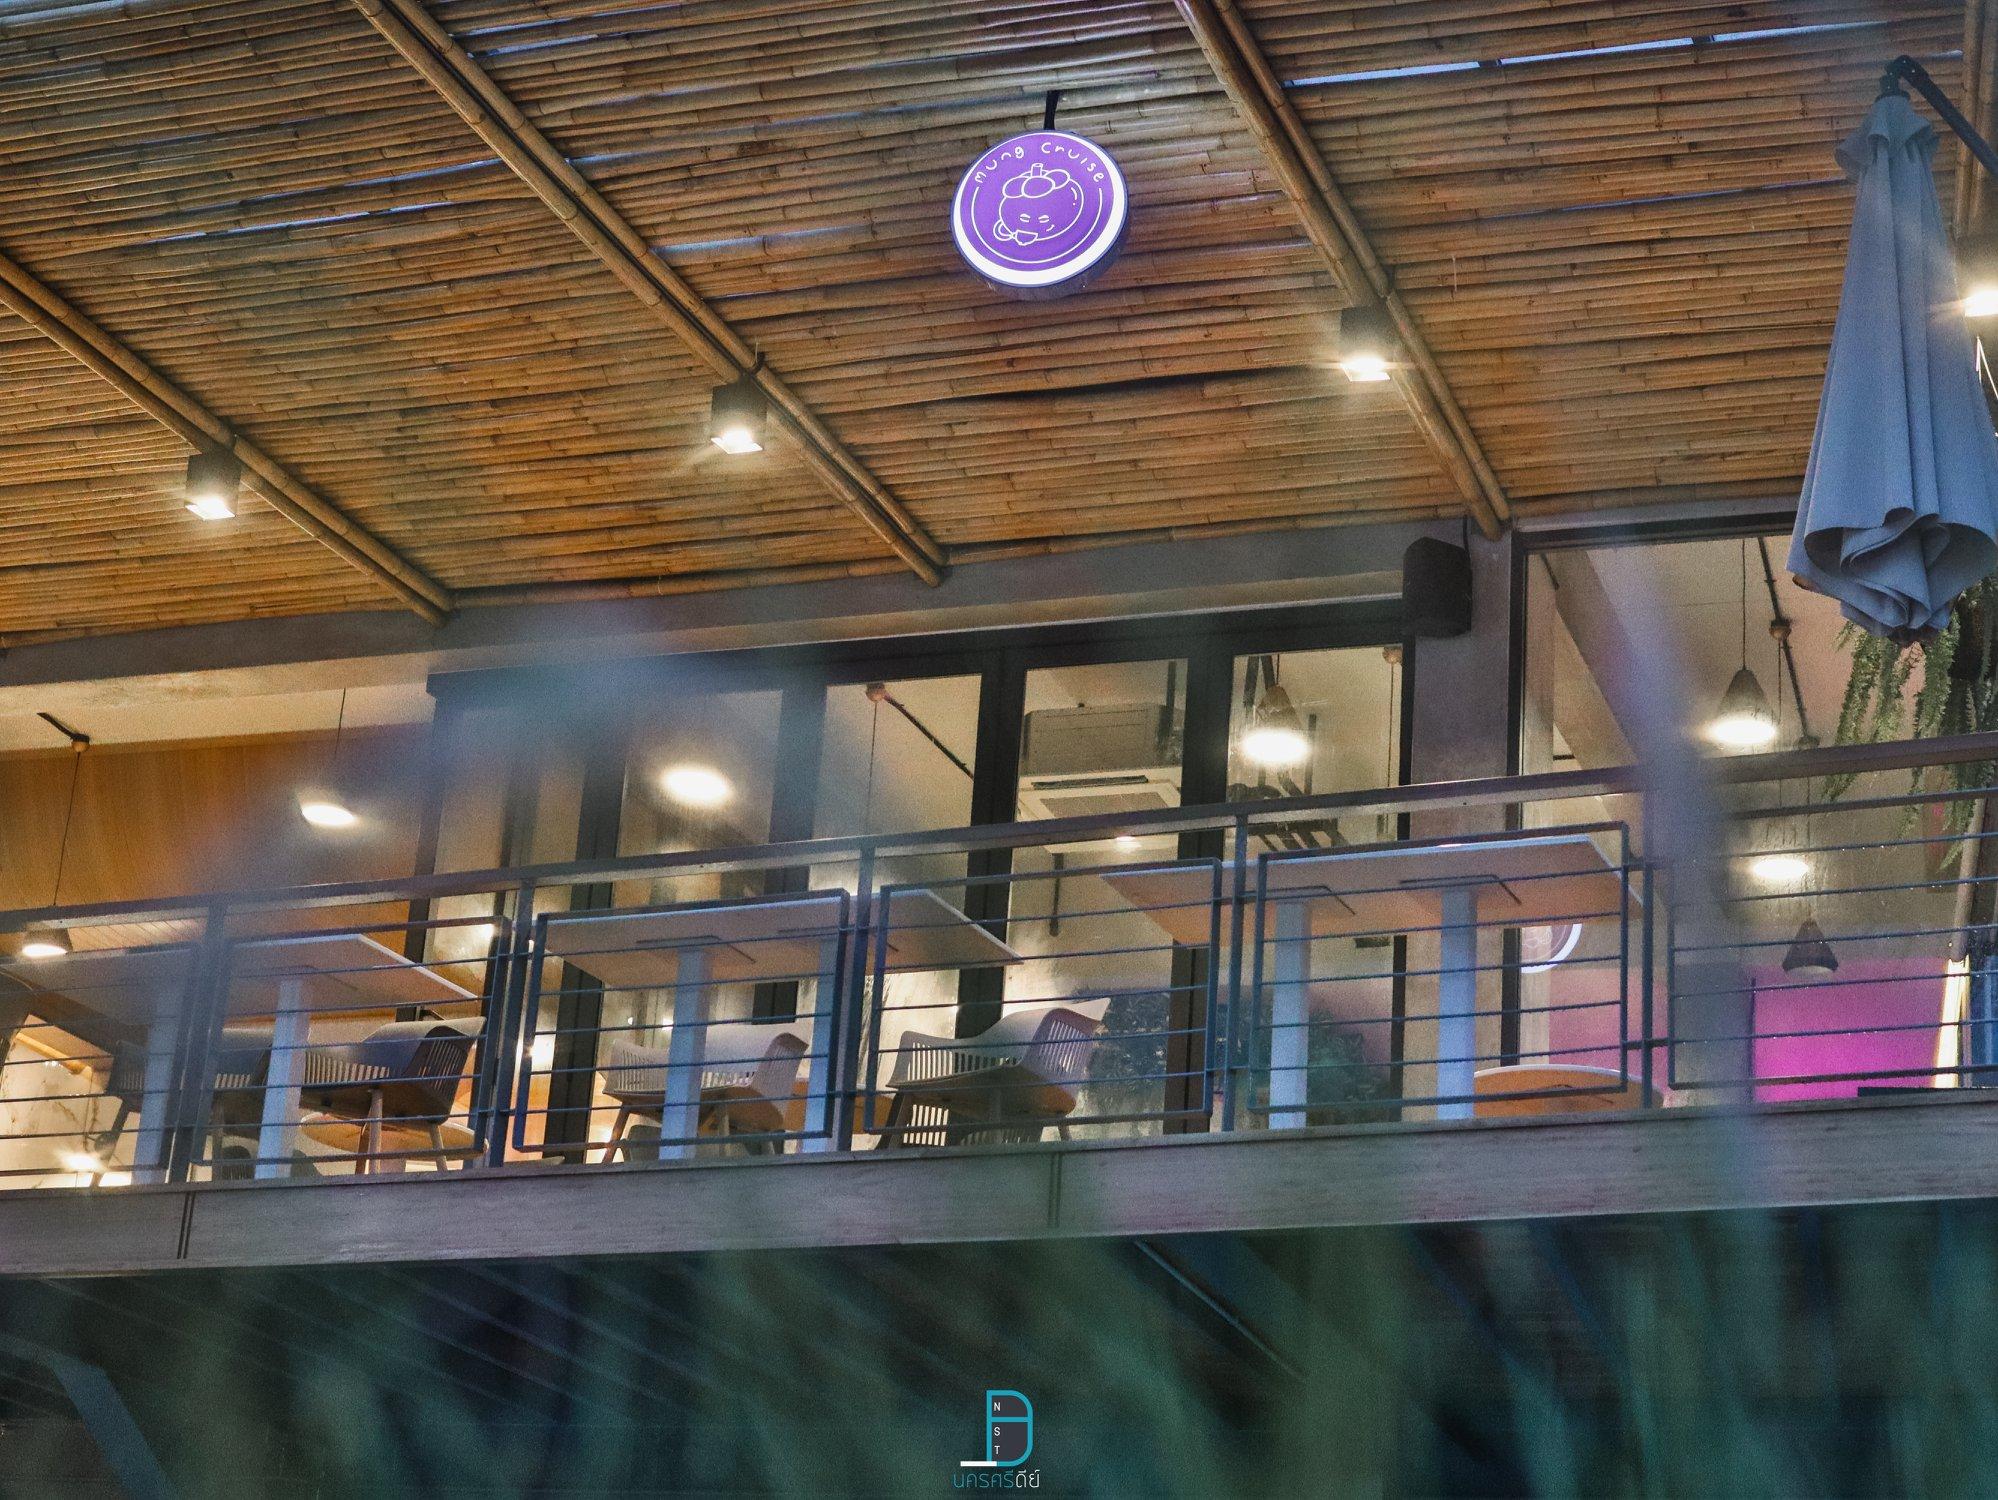 คาเฟ่กลางหุบเขา คีรีวง Mung Cruise Cafe เครื่องดื่มอาหารแบบพรีเมี่ยมบรรยากาศหลักล้าน นครศรีดีย์